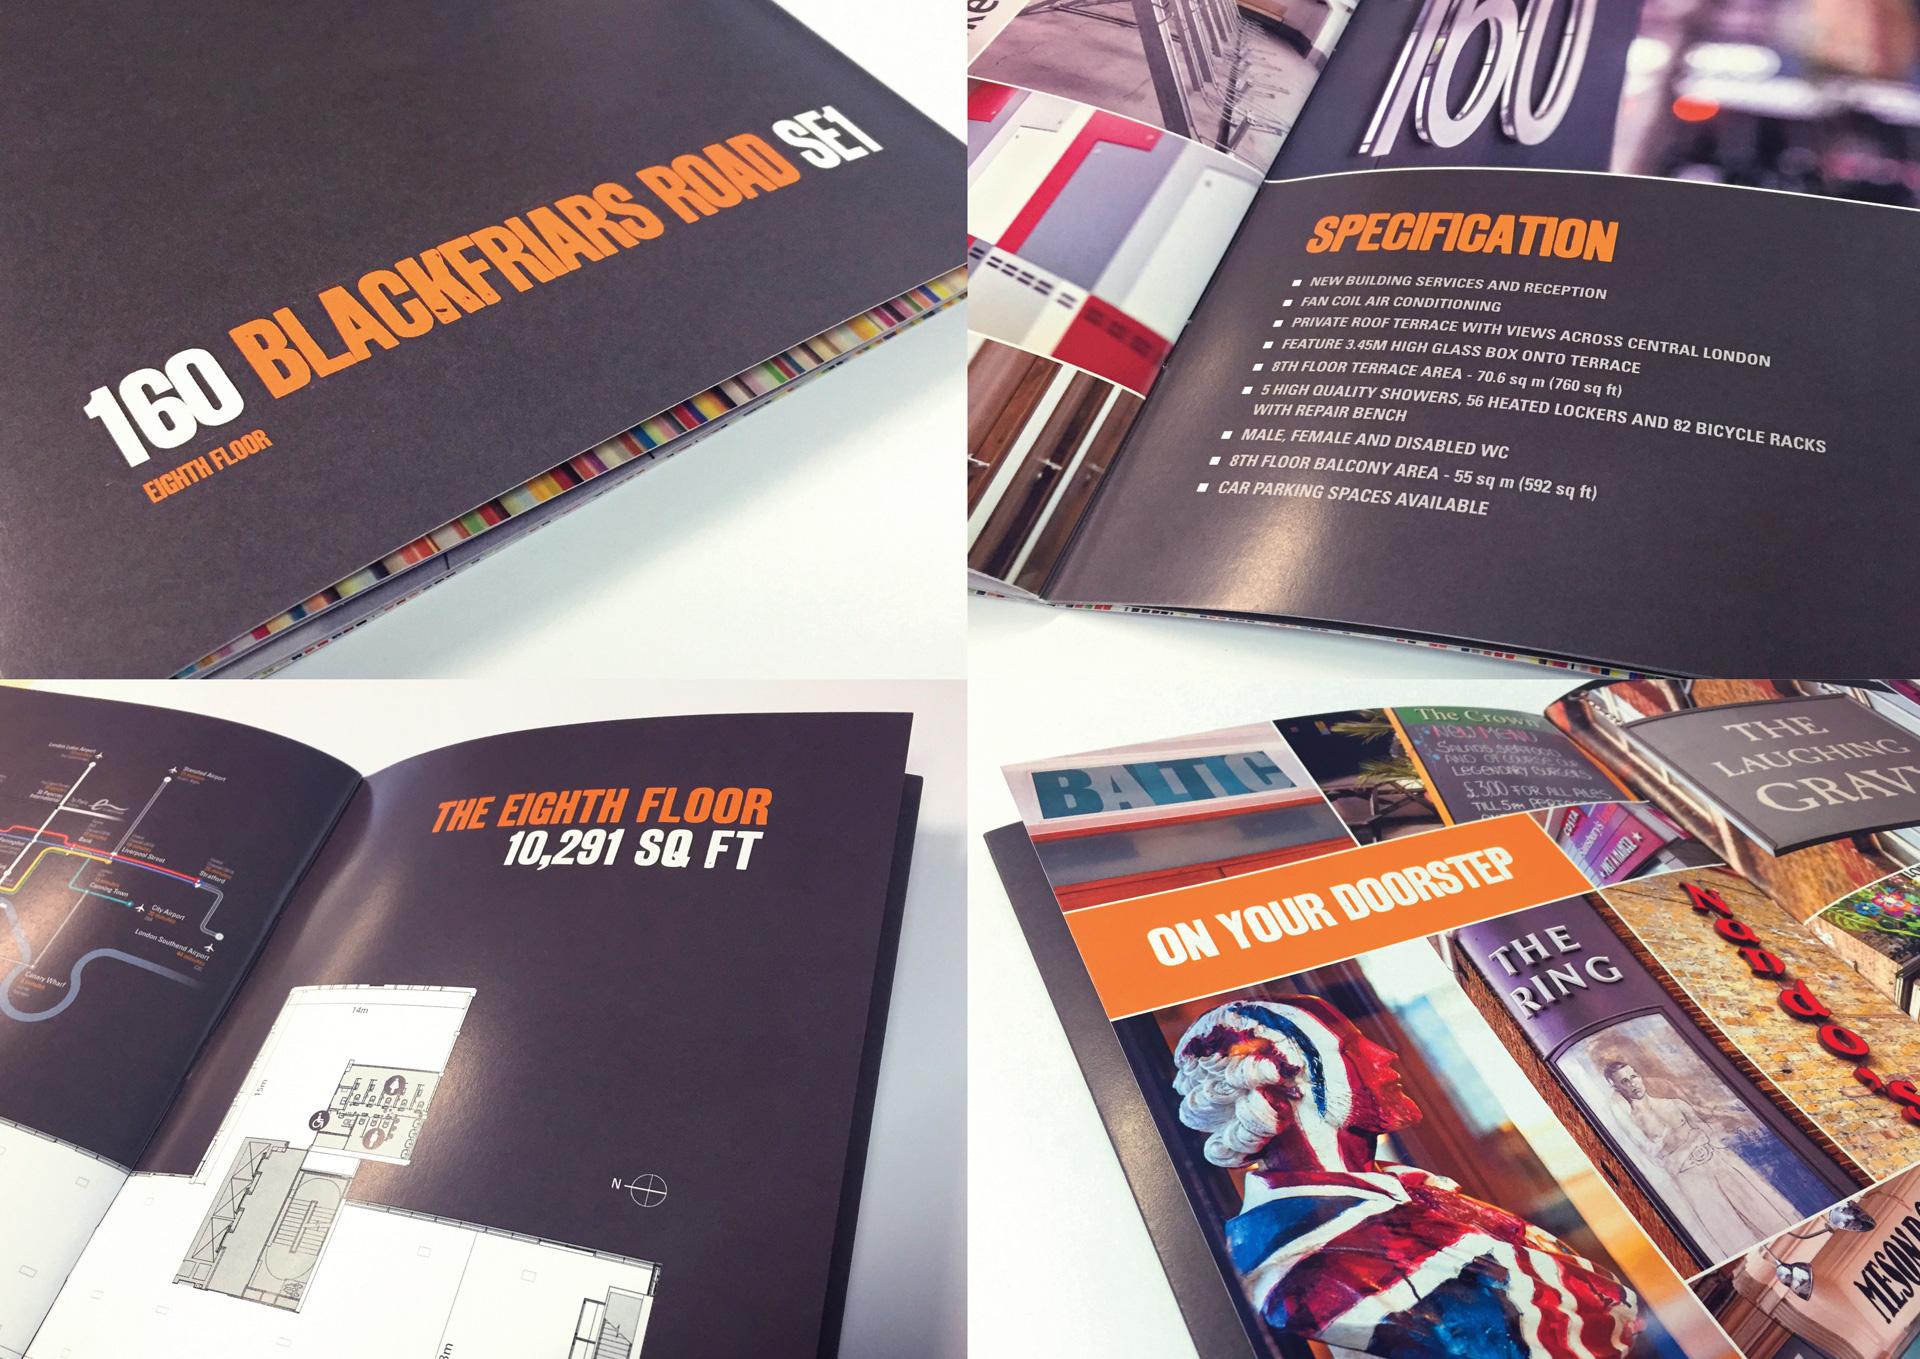 160_Brochure.jpg